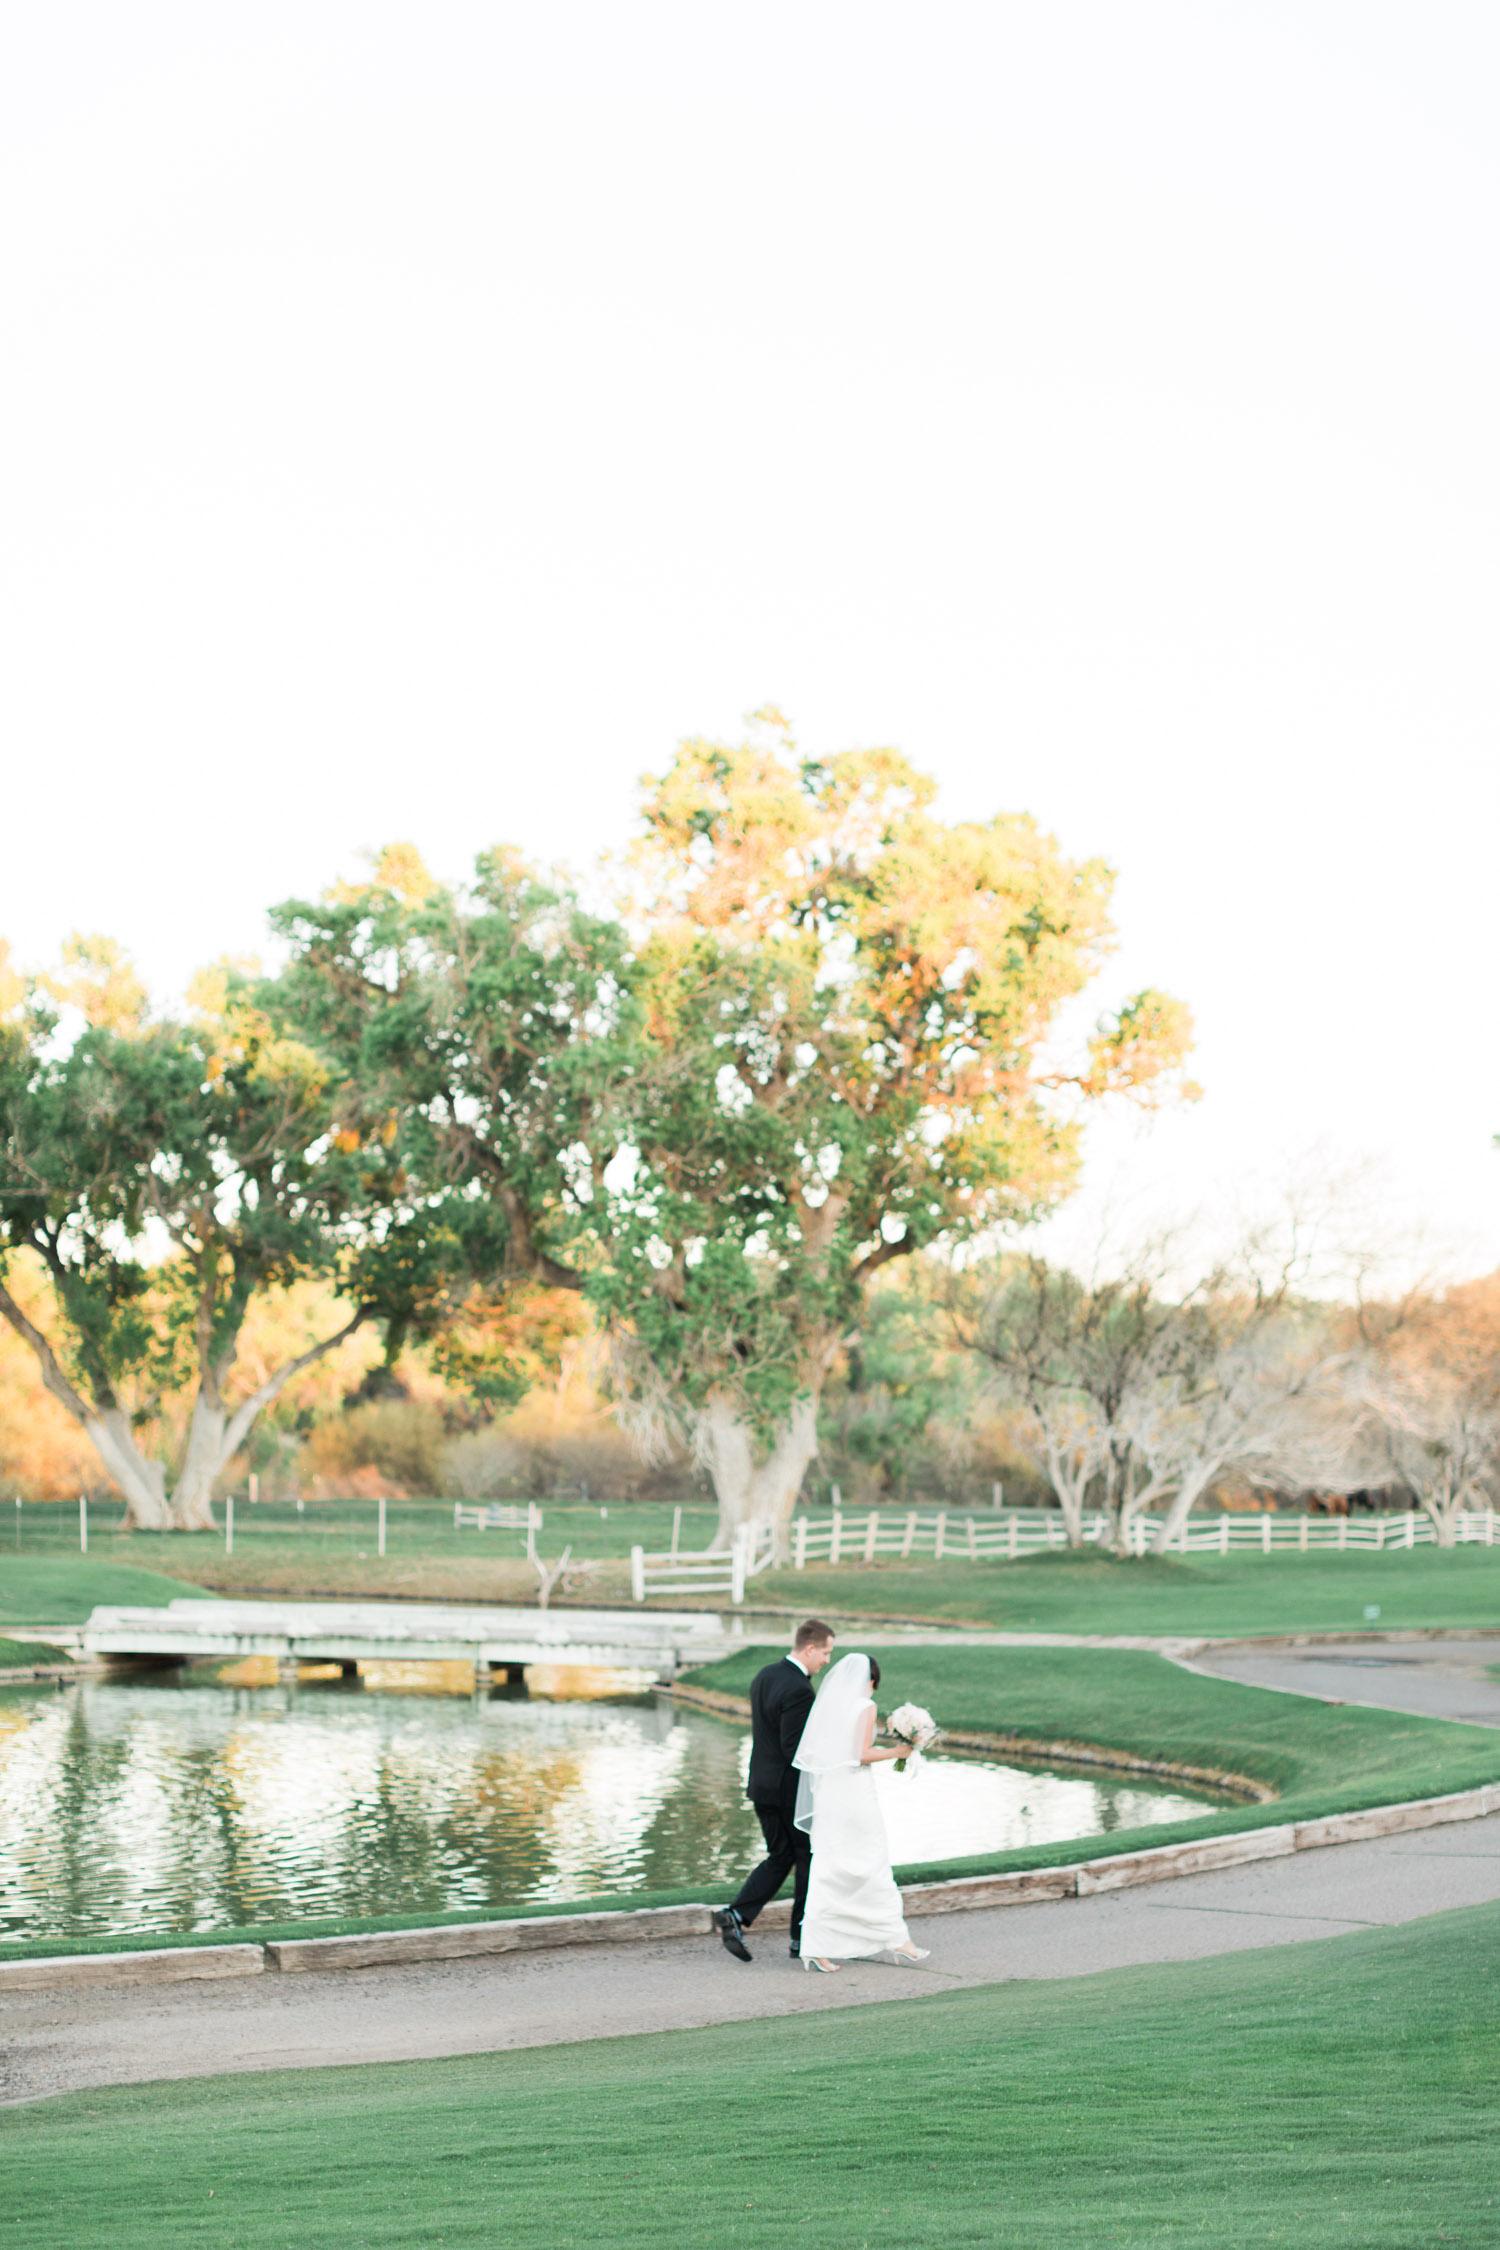 Tucson Tubac wedding venue, Tubac Golf Resort